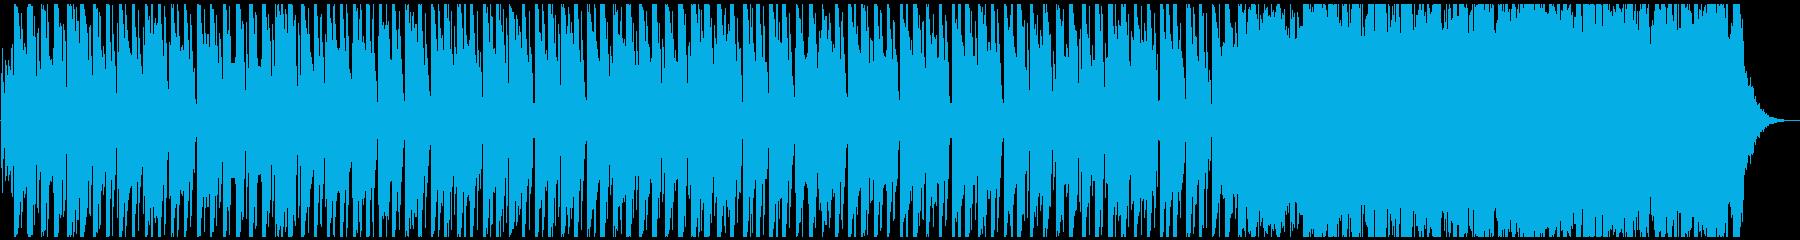 モーツァルトのエレクトロポップ/ダ...の再生済みの波形